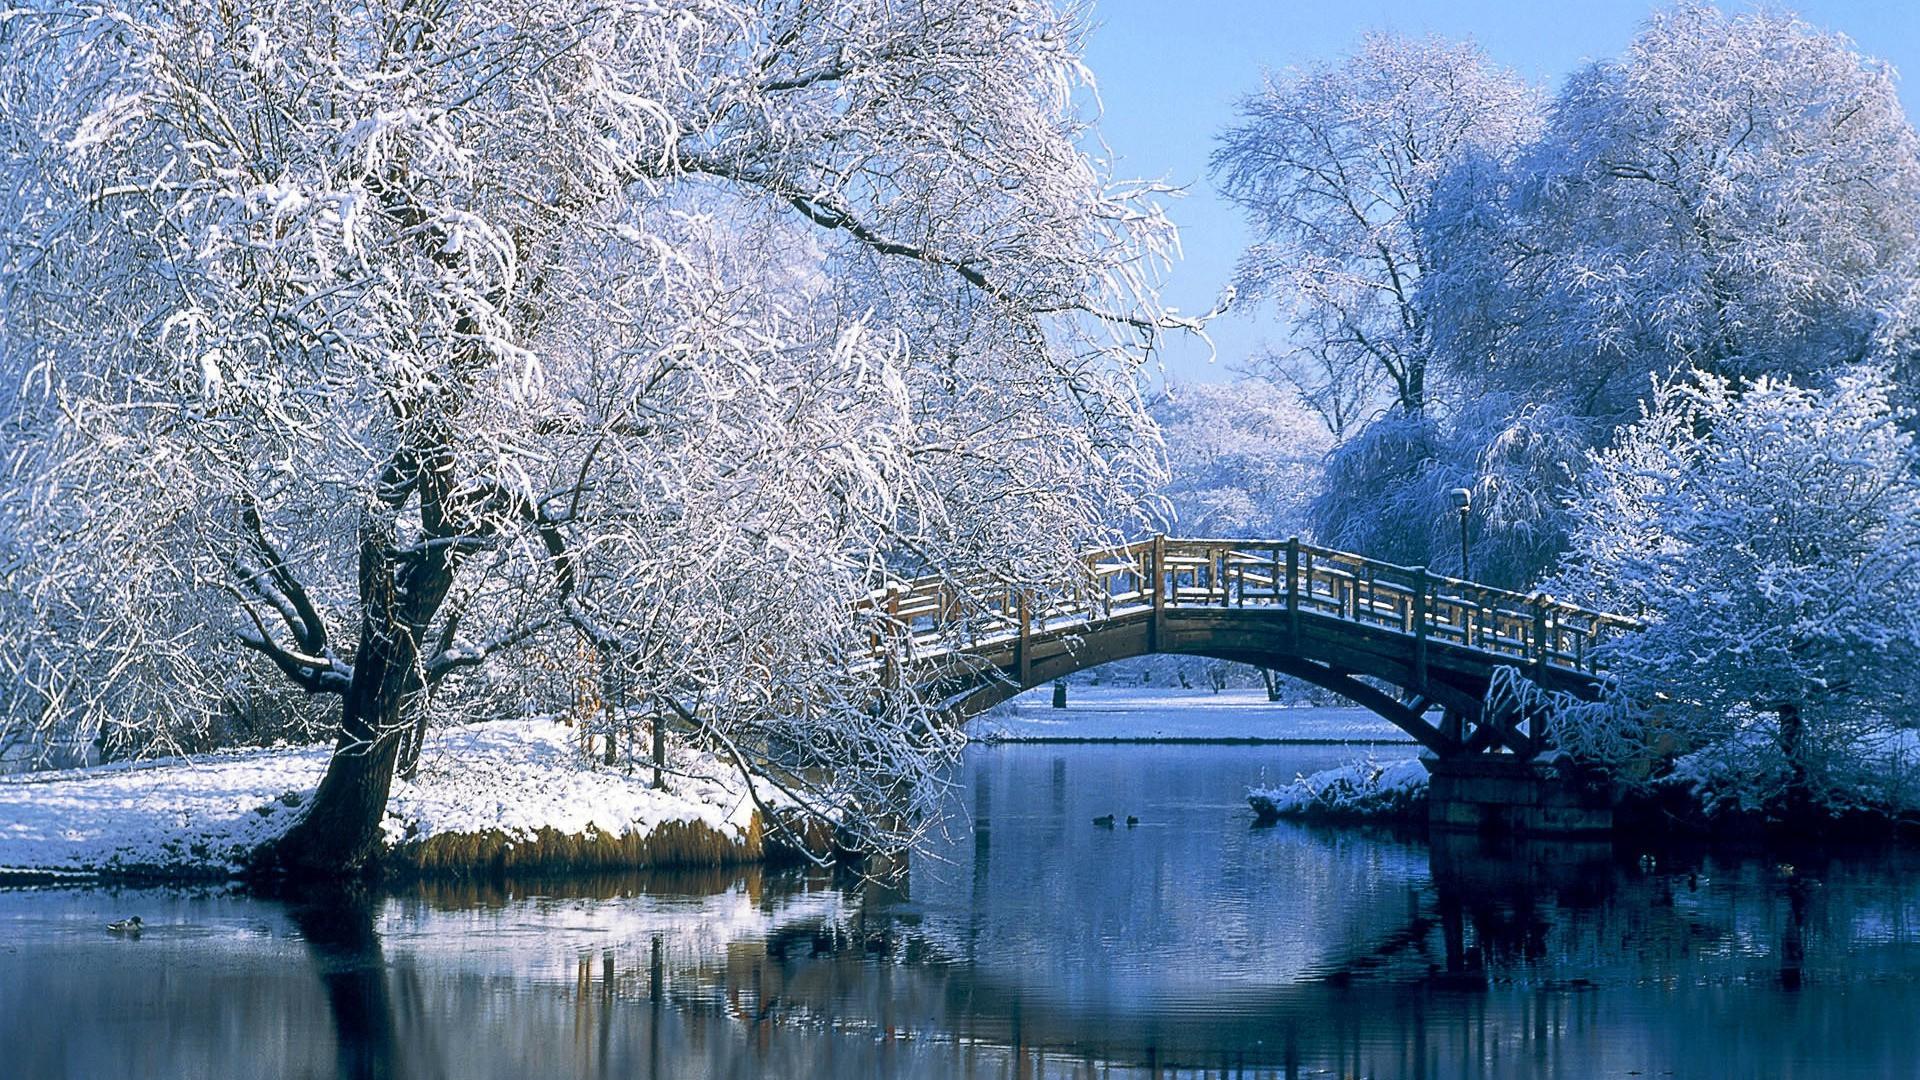 Wallpaper : pemandangan, danau, alam, refleksi, langit, salju